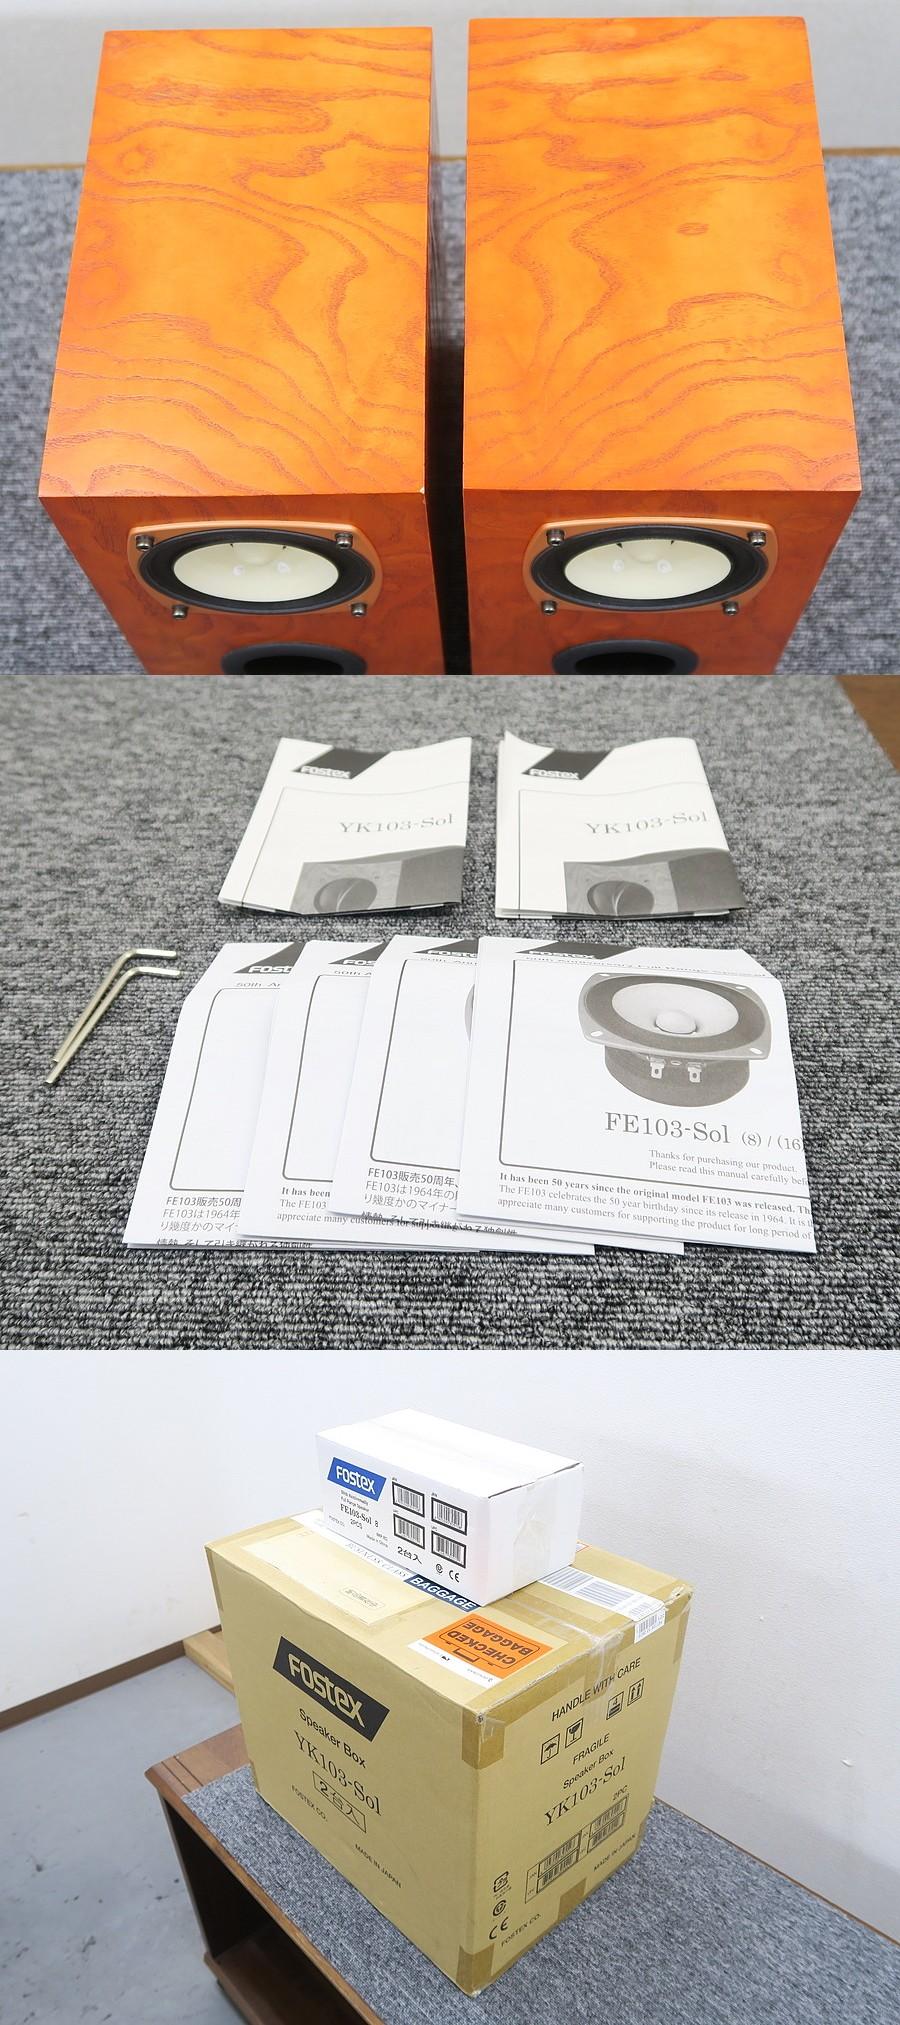 FOSTEX FE103-Sol+YK103-Sol スピーカー 元箱付 @40007 / 中古